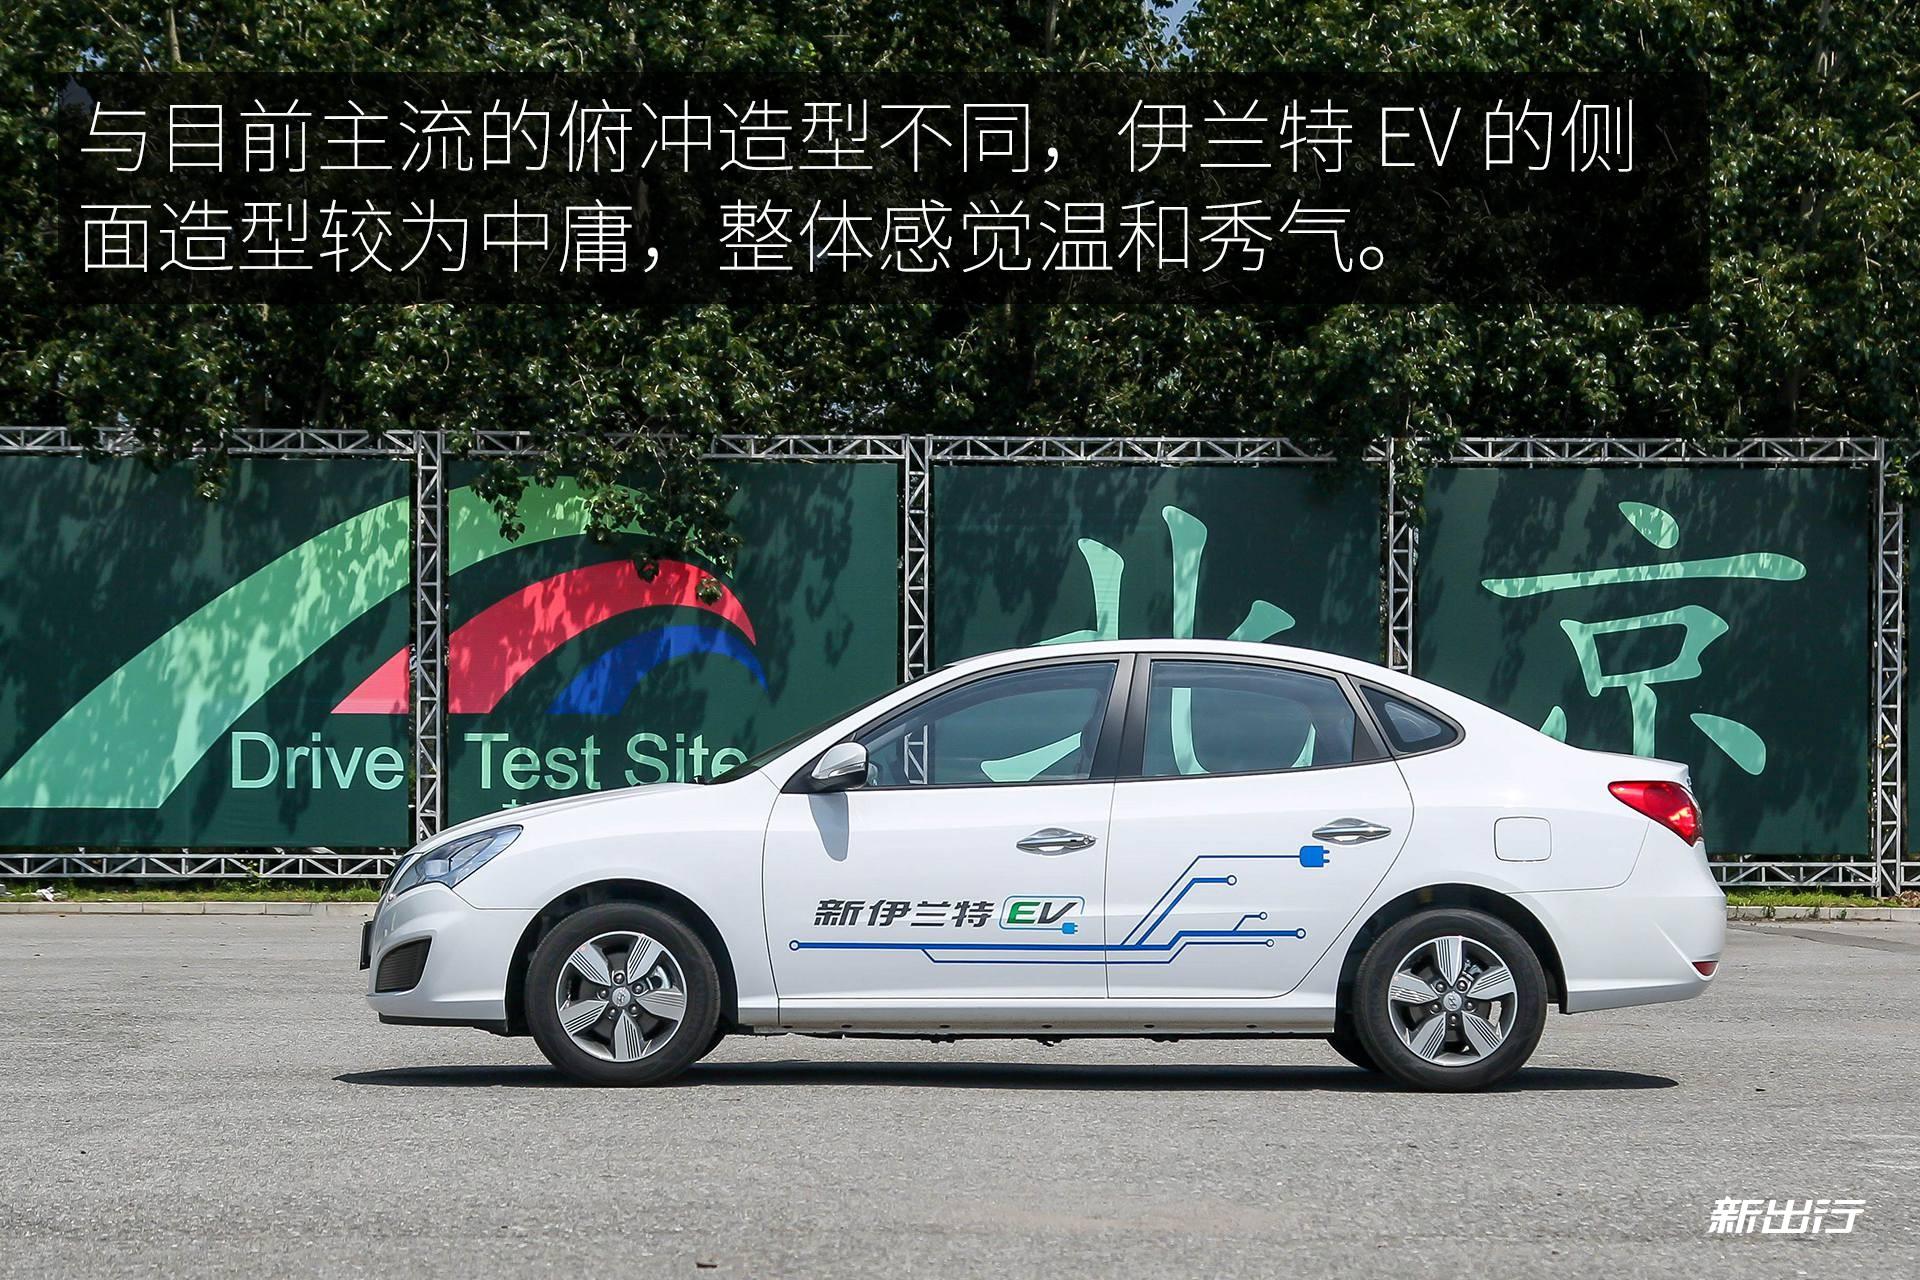 韩国来的低调新人 北京现代伊兰特 ev 试驾体验